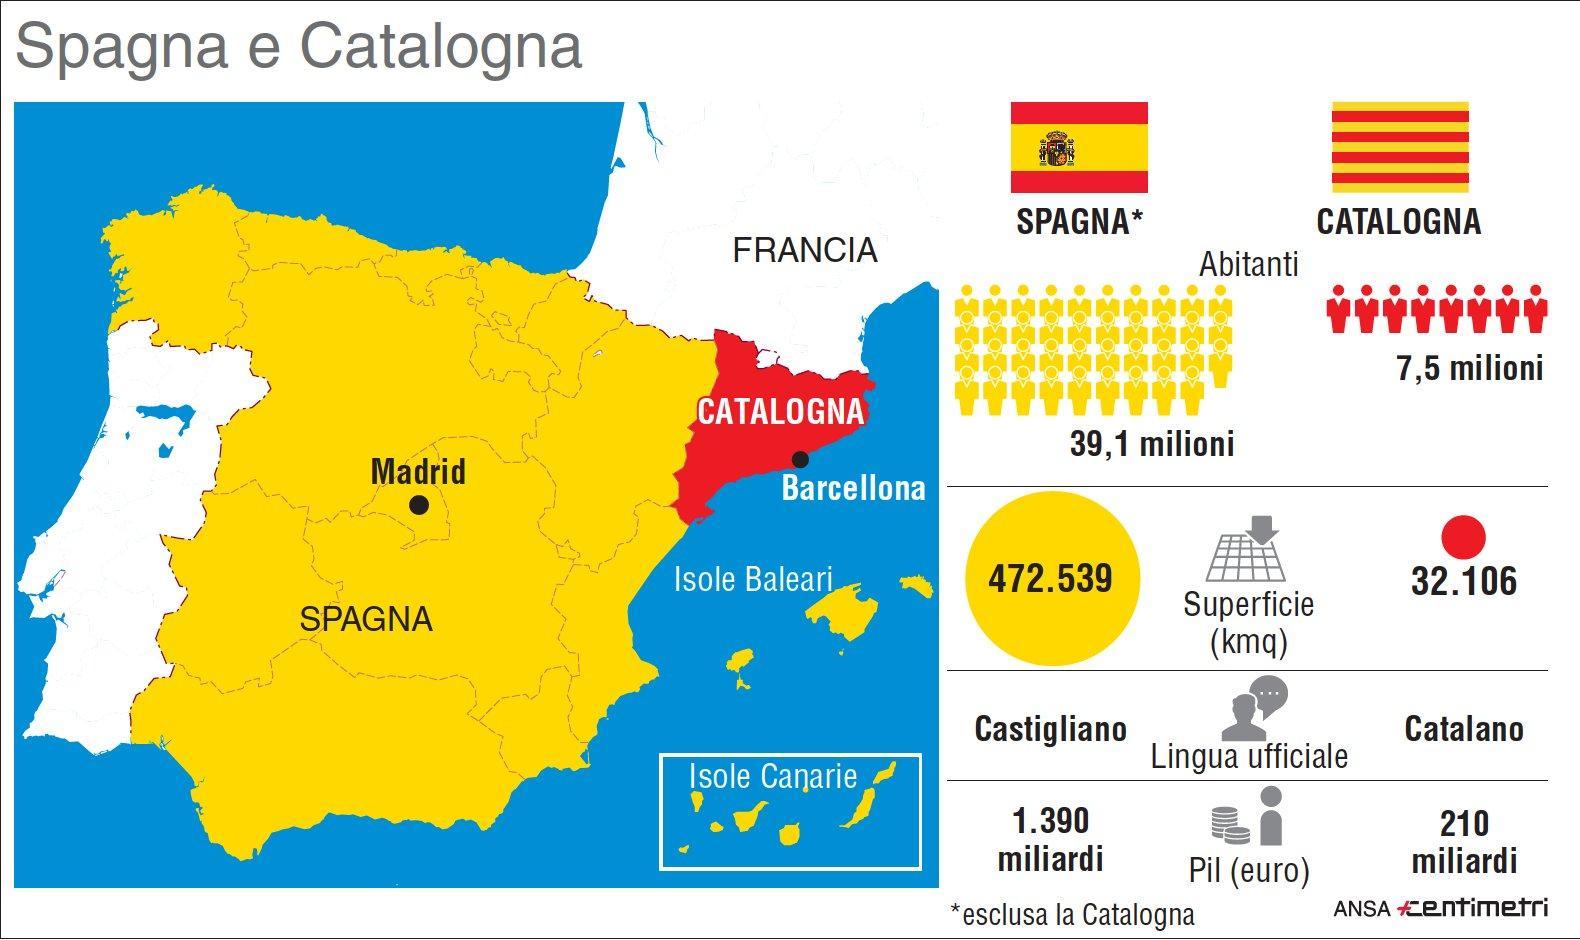 Spagna e Catalogna, il confronto